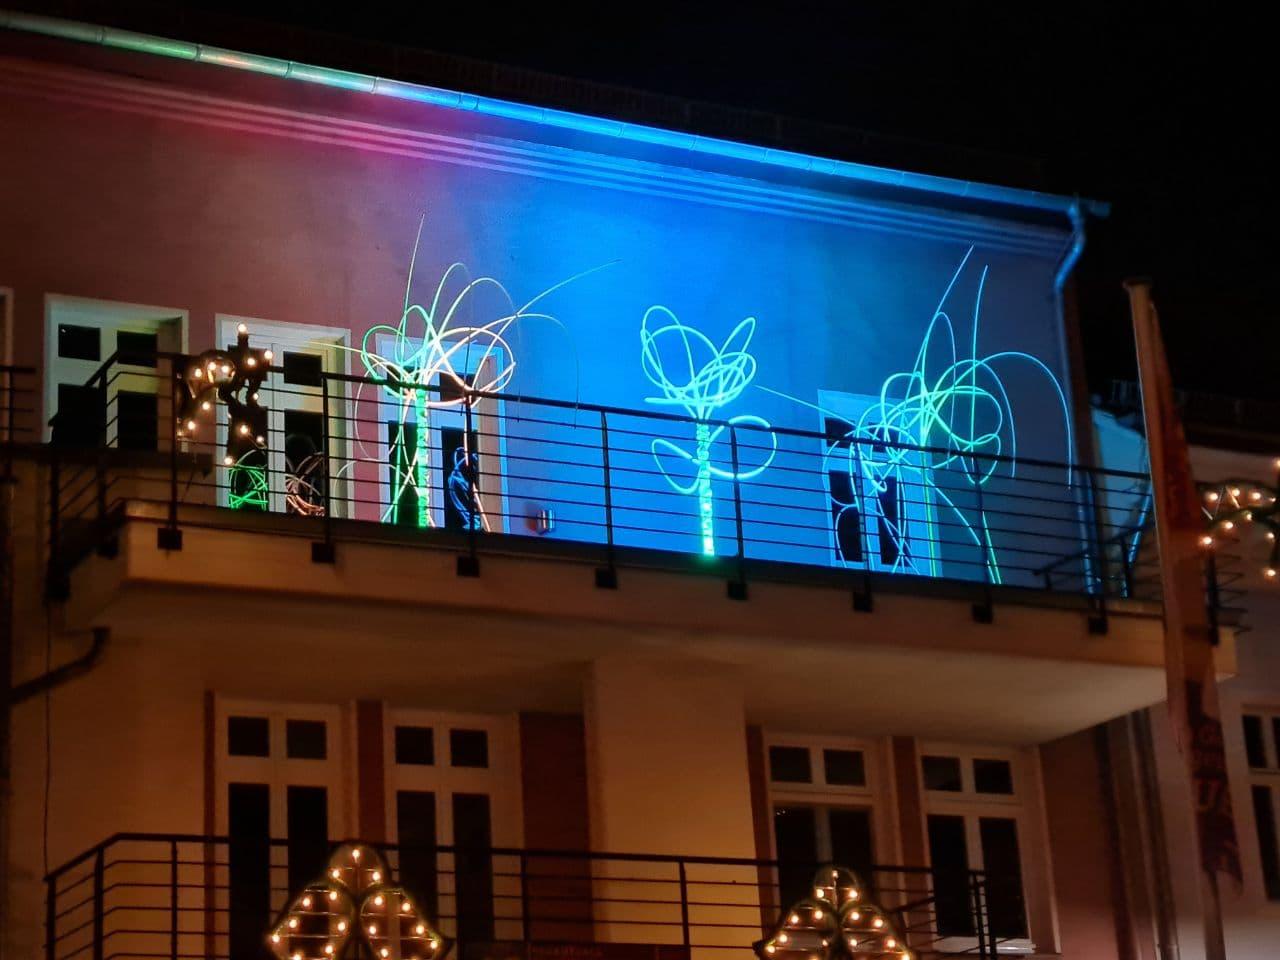 Lichtskulpturen auf Ratzhaus-Balkon | © Kulturhof Lübbenau e.V.